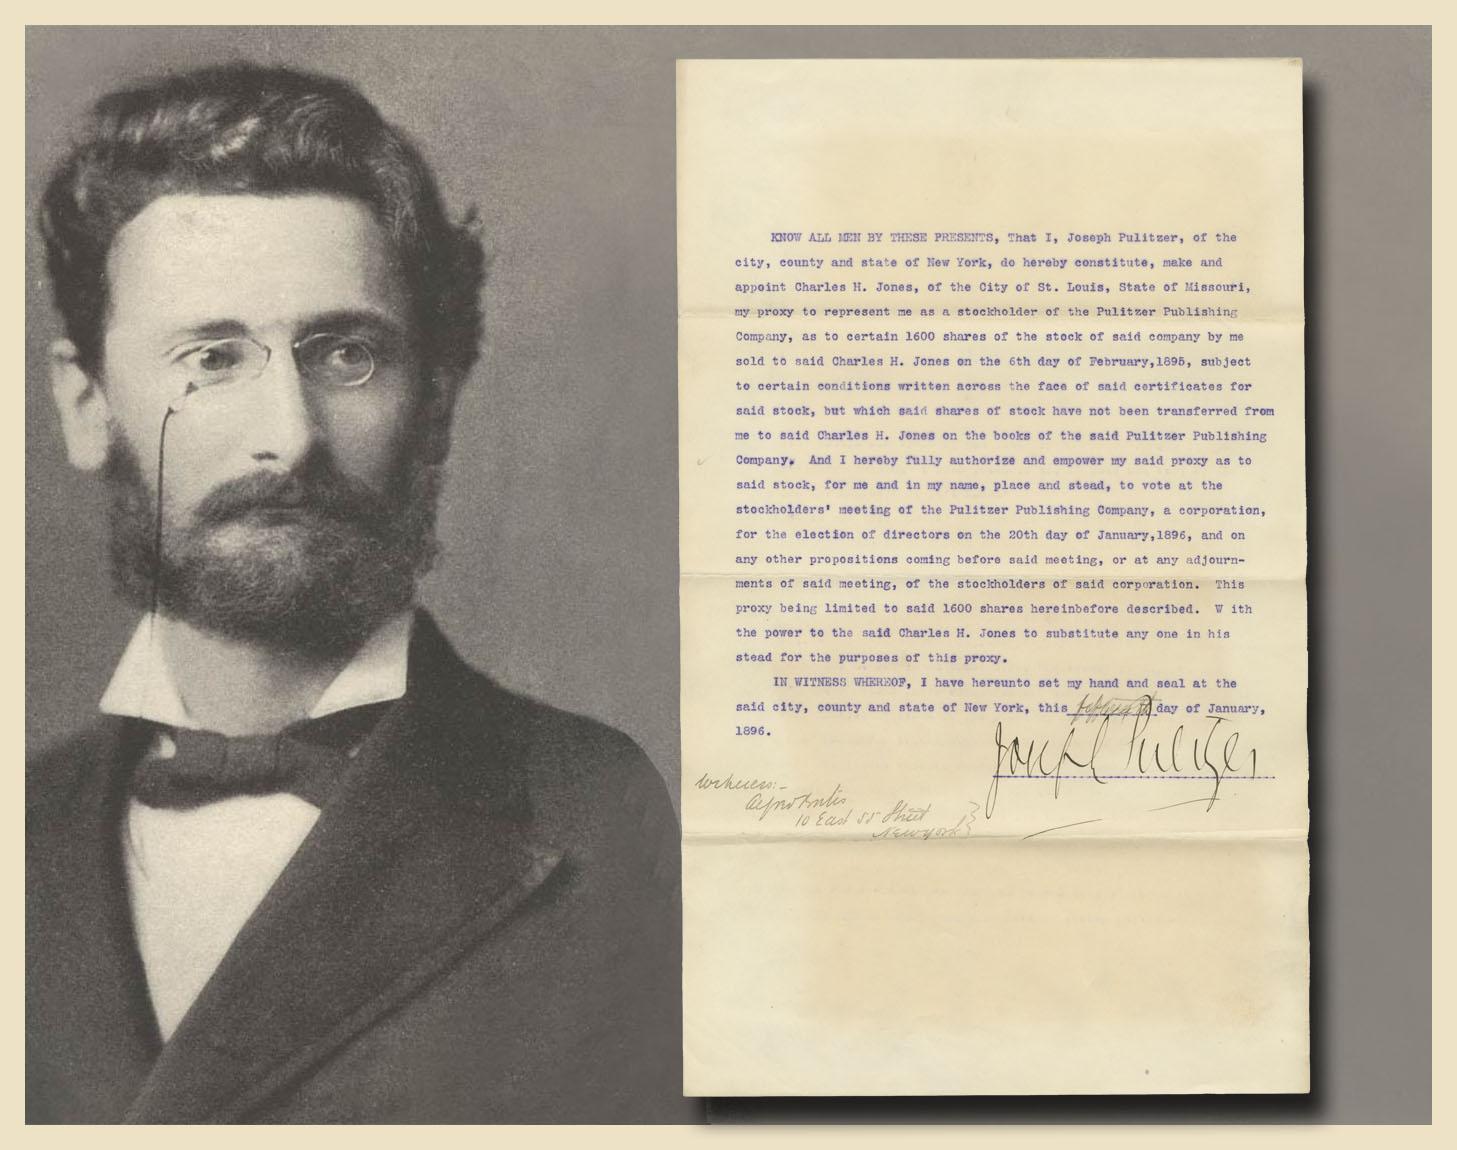 3. Joseph Pulitzer